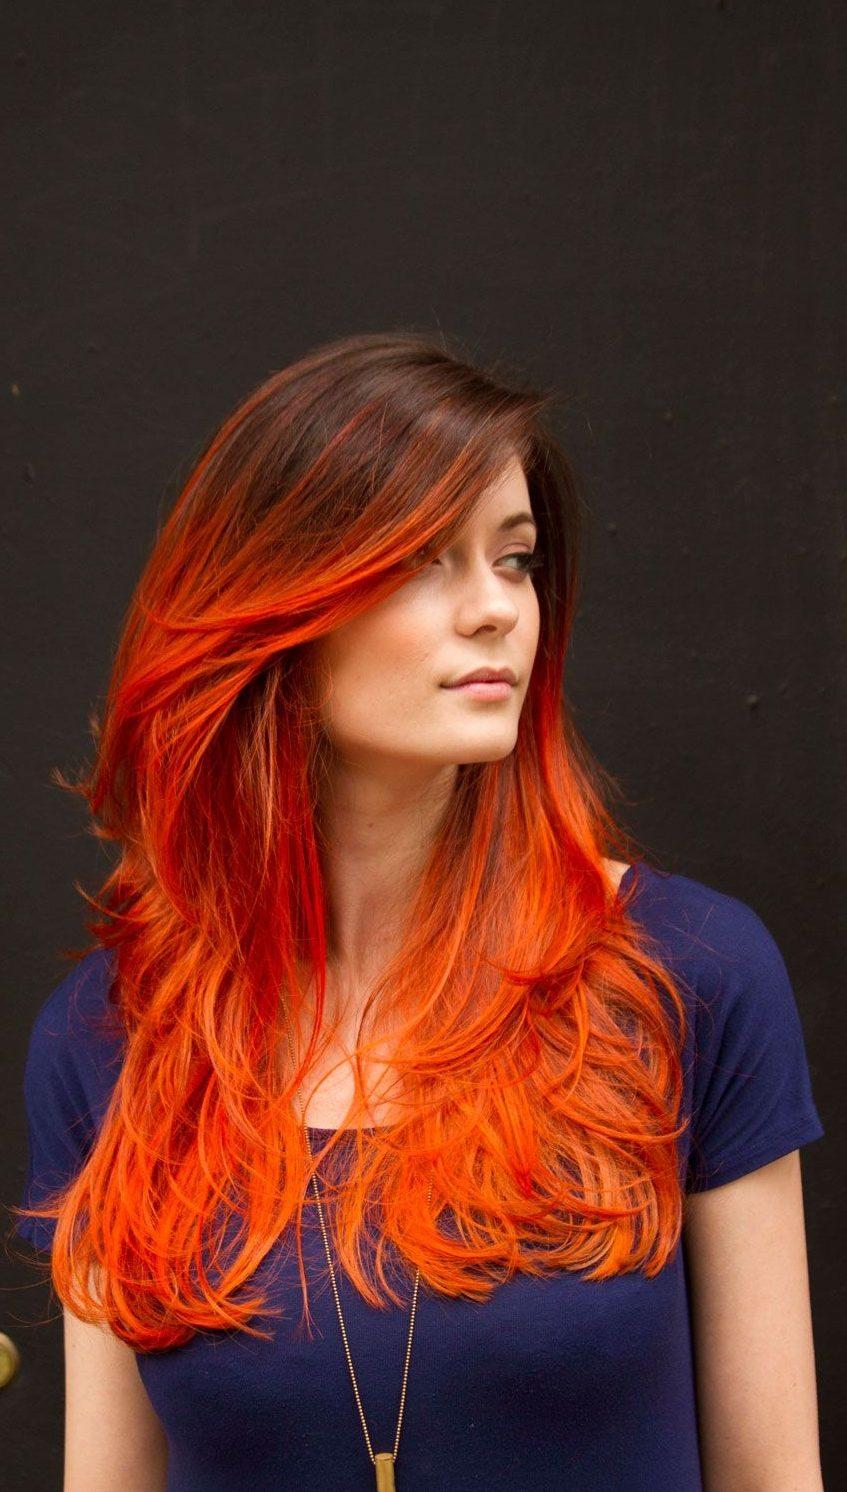 Burnished Orange Hair Color on Blond Women